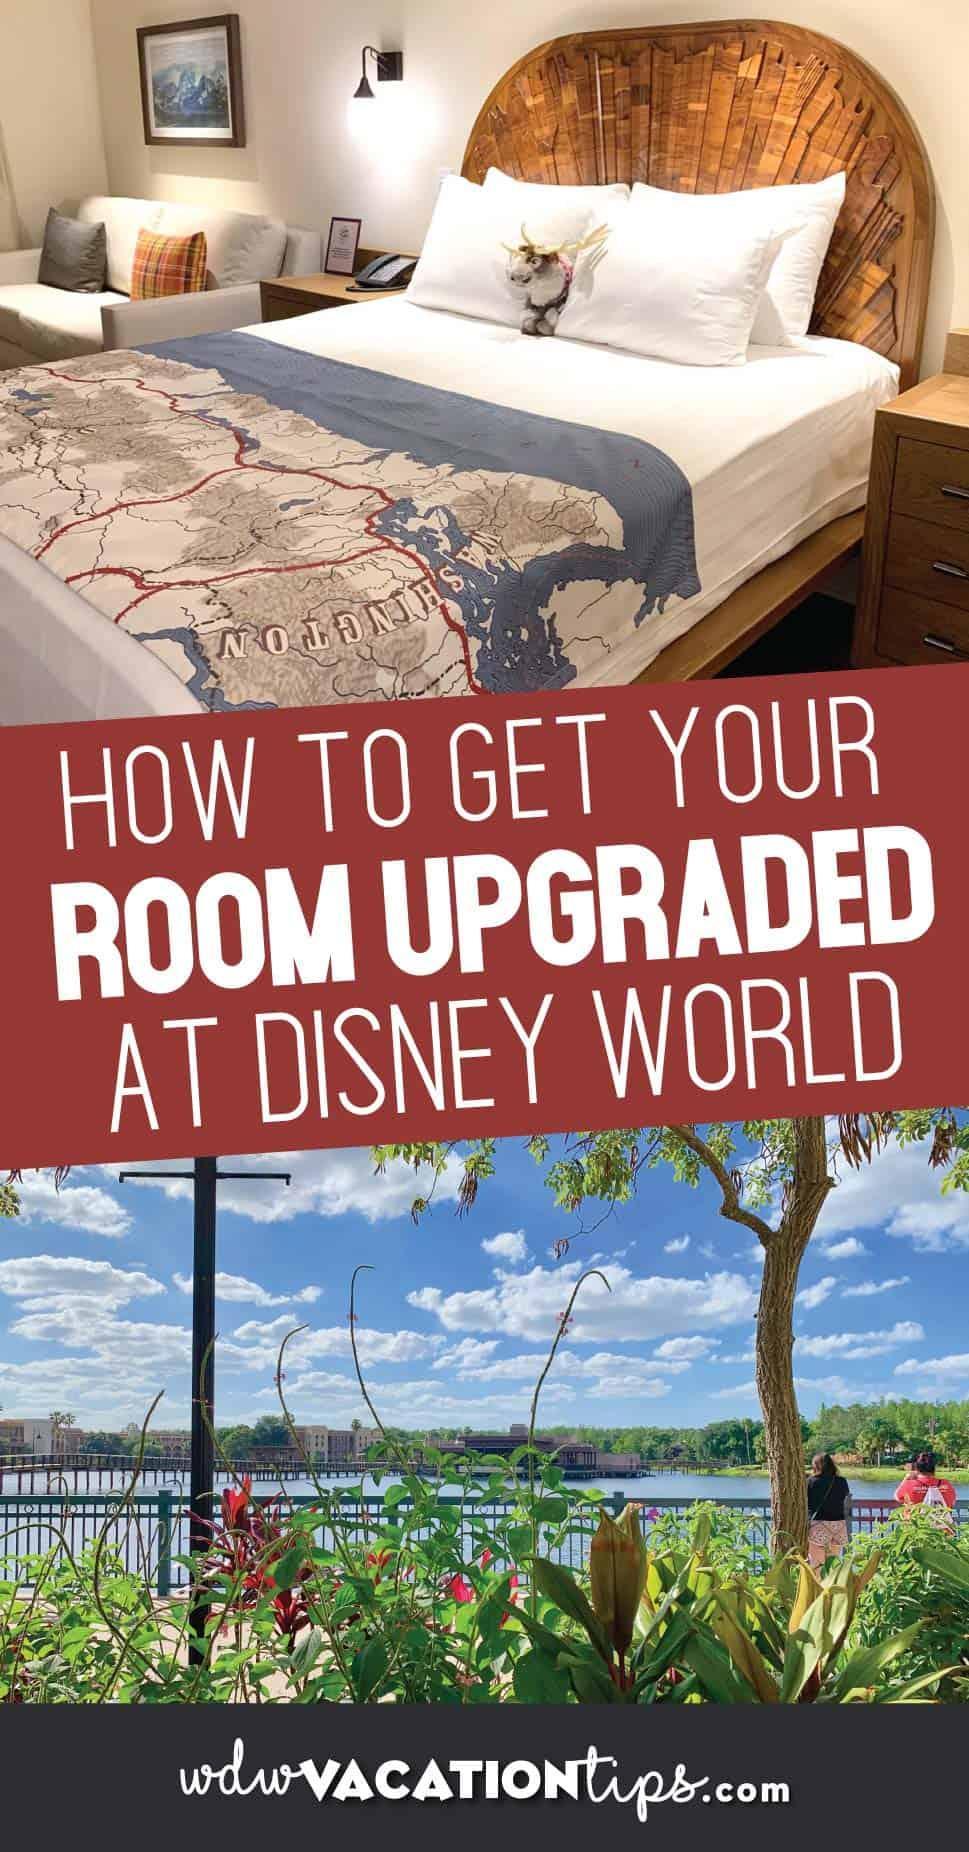 Disney World Room Upgrade